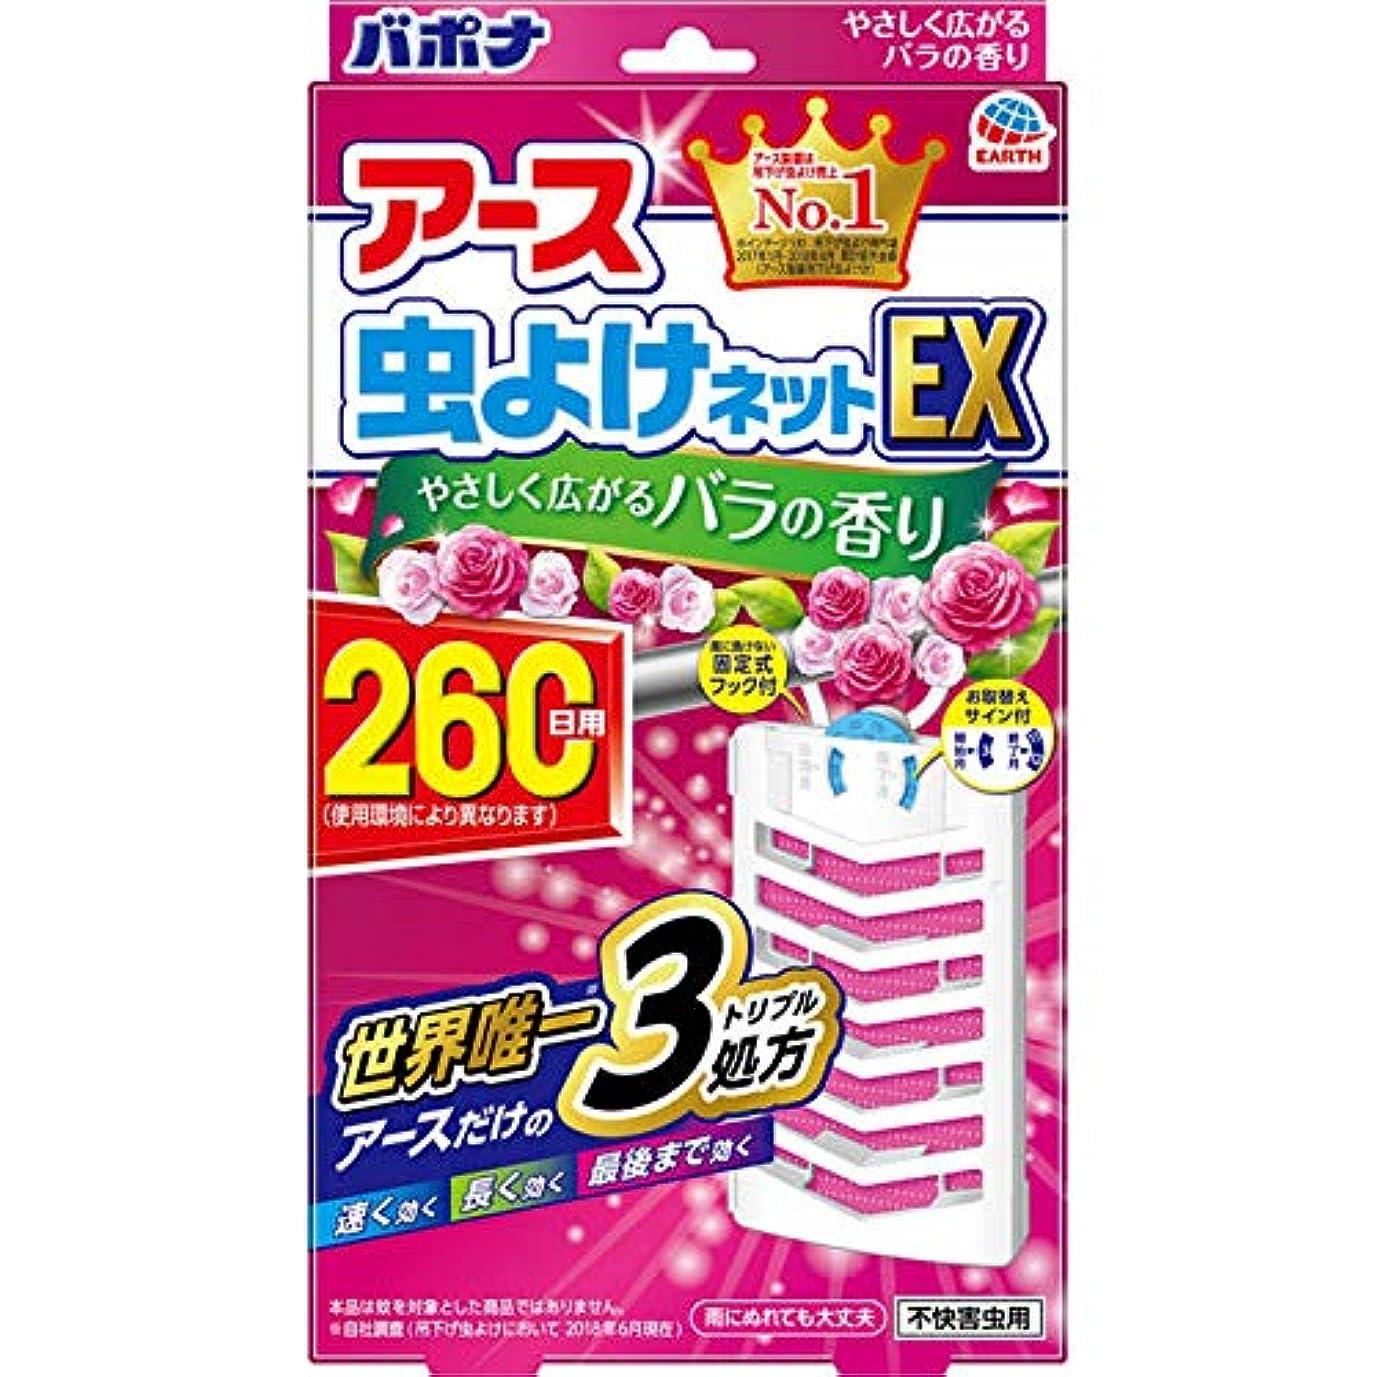 アース虫よけネットEX バラの香り 260日用×10個セット